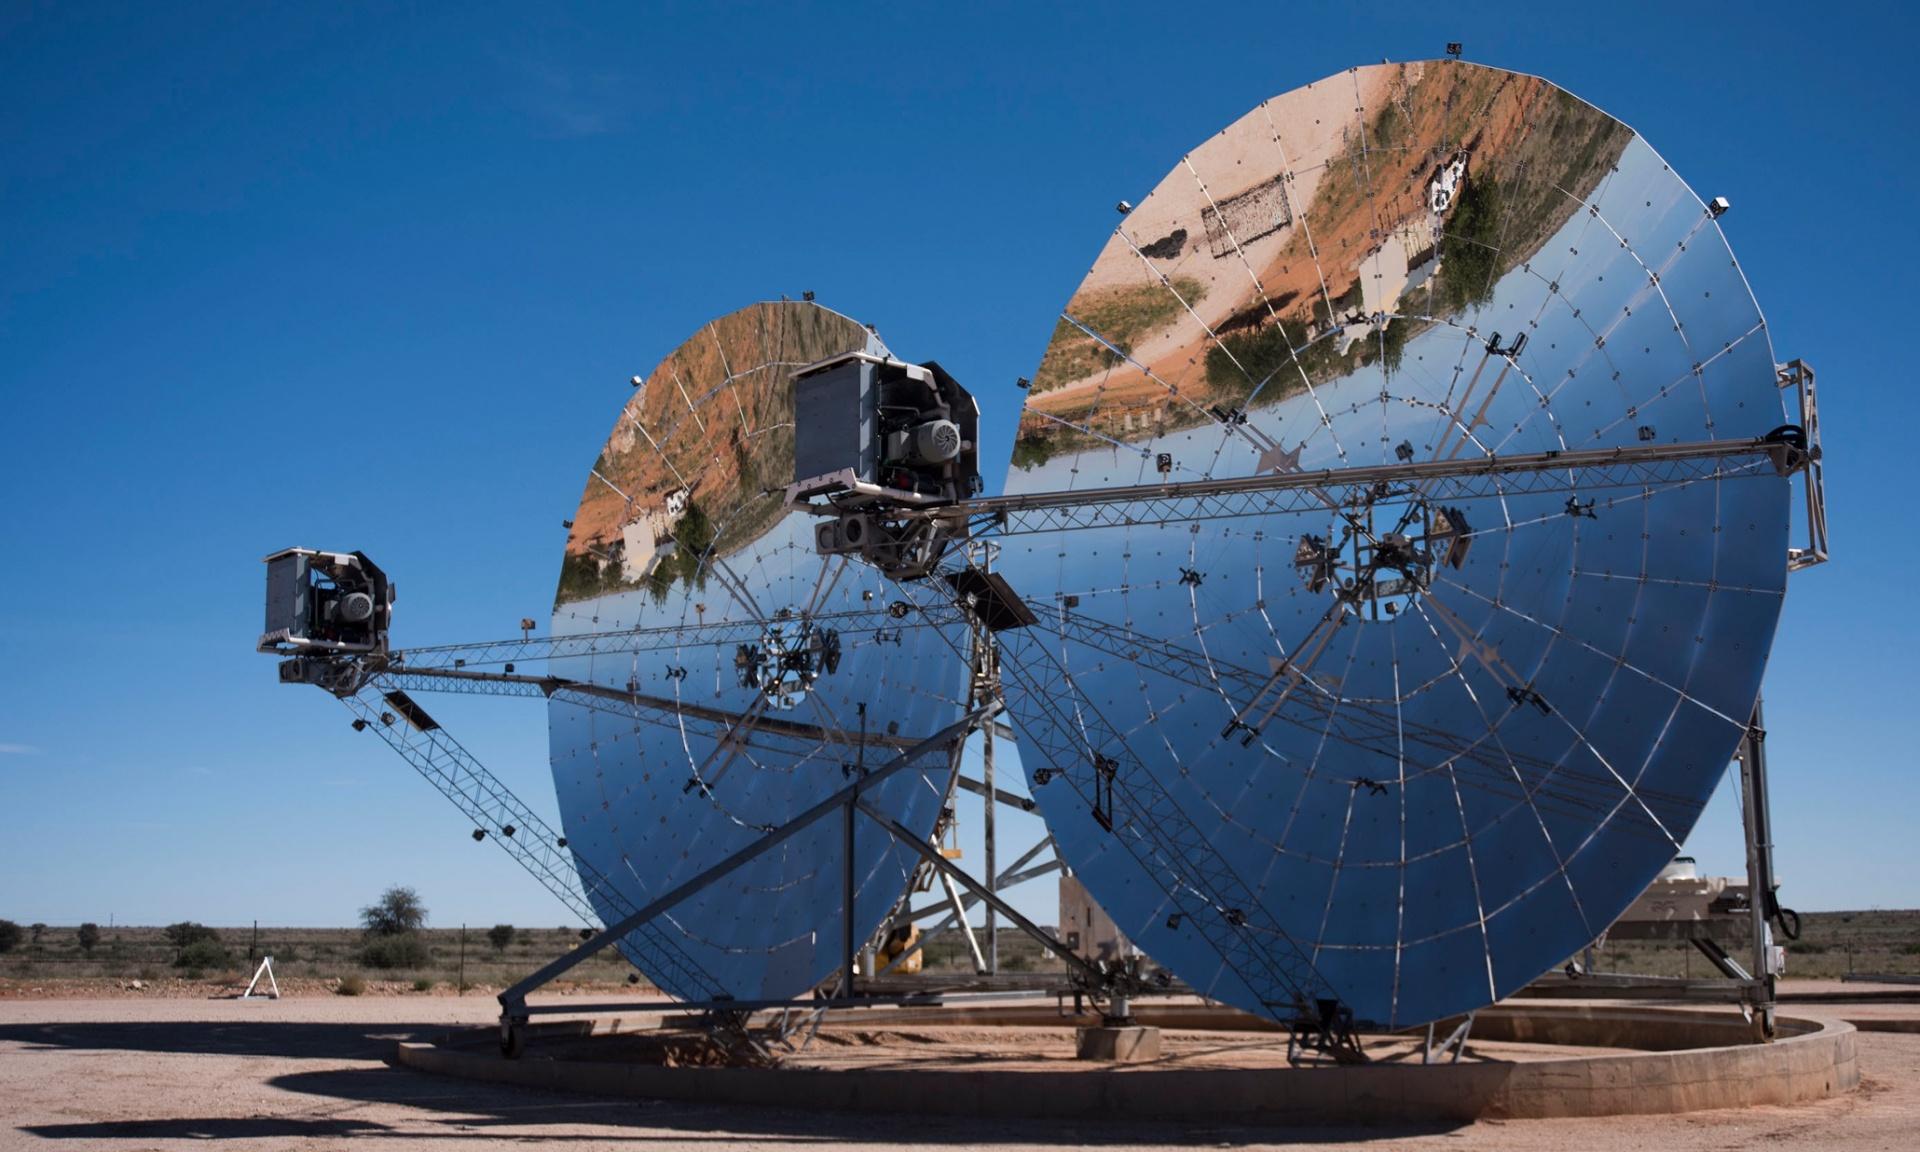 Возможно, это самая эффективная Солнечная система в мире. Facepla.net последние новости экологии